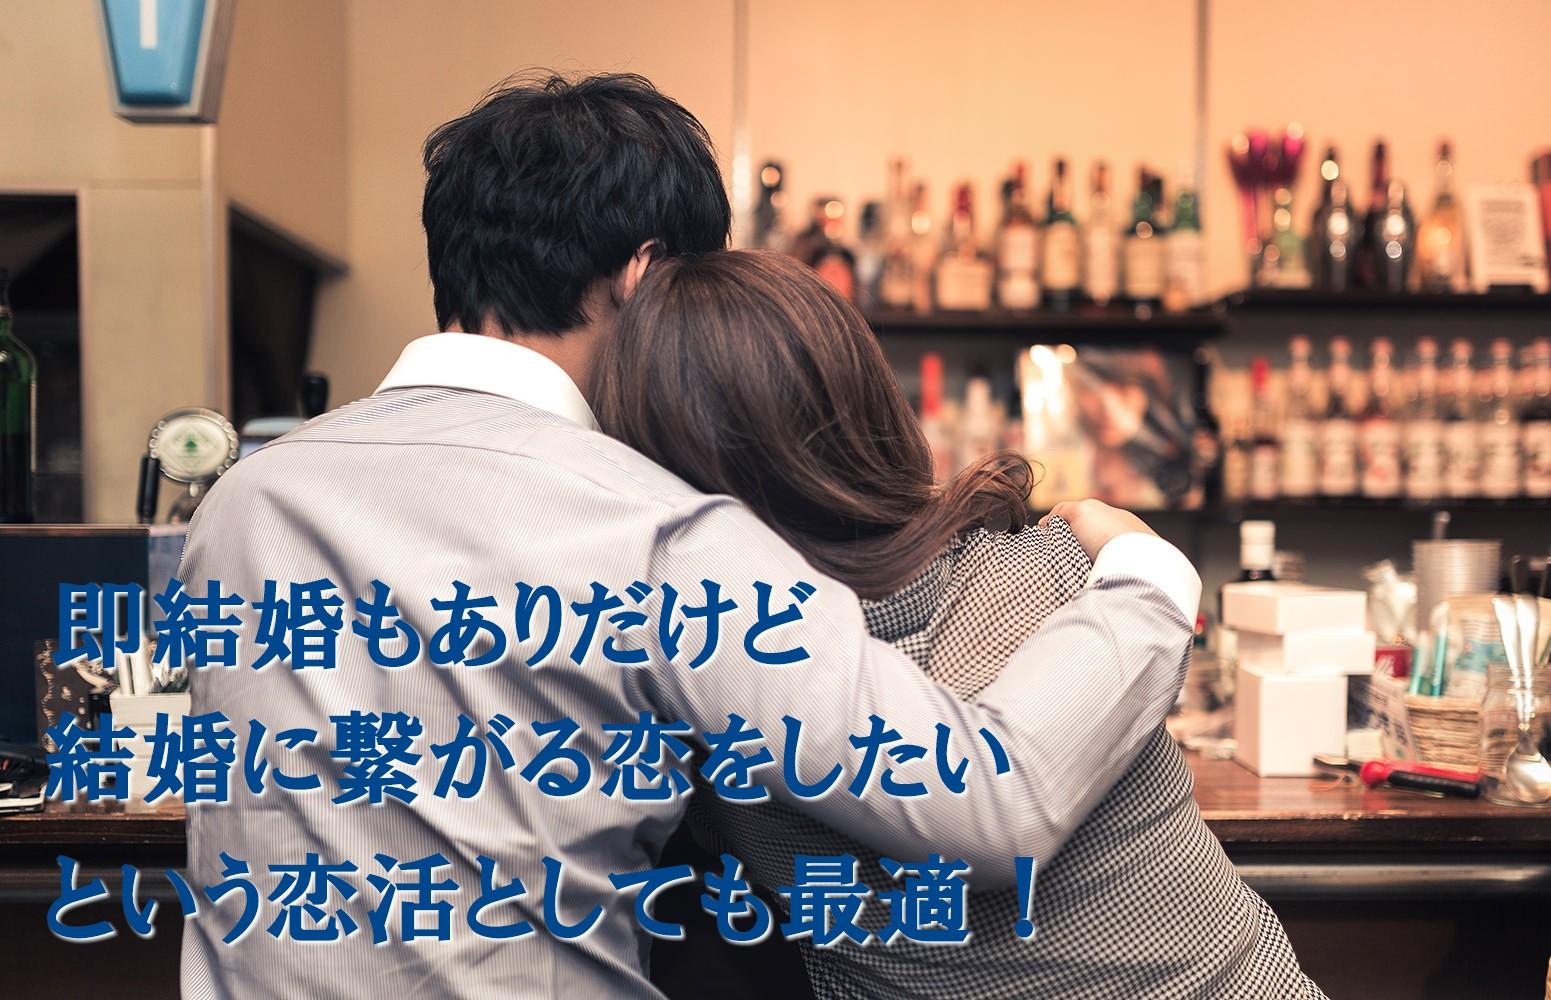 東京で婚活20代・アラサー30代男性が成婚する方法を教えます!